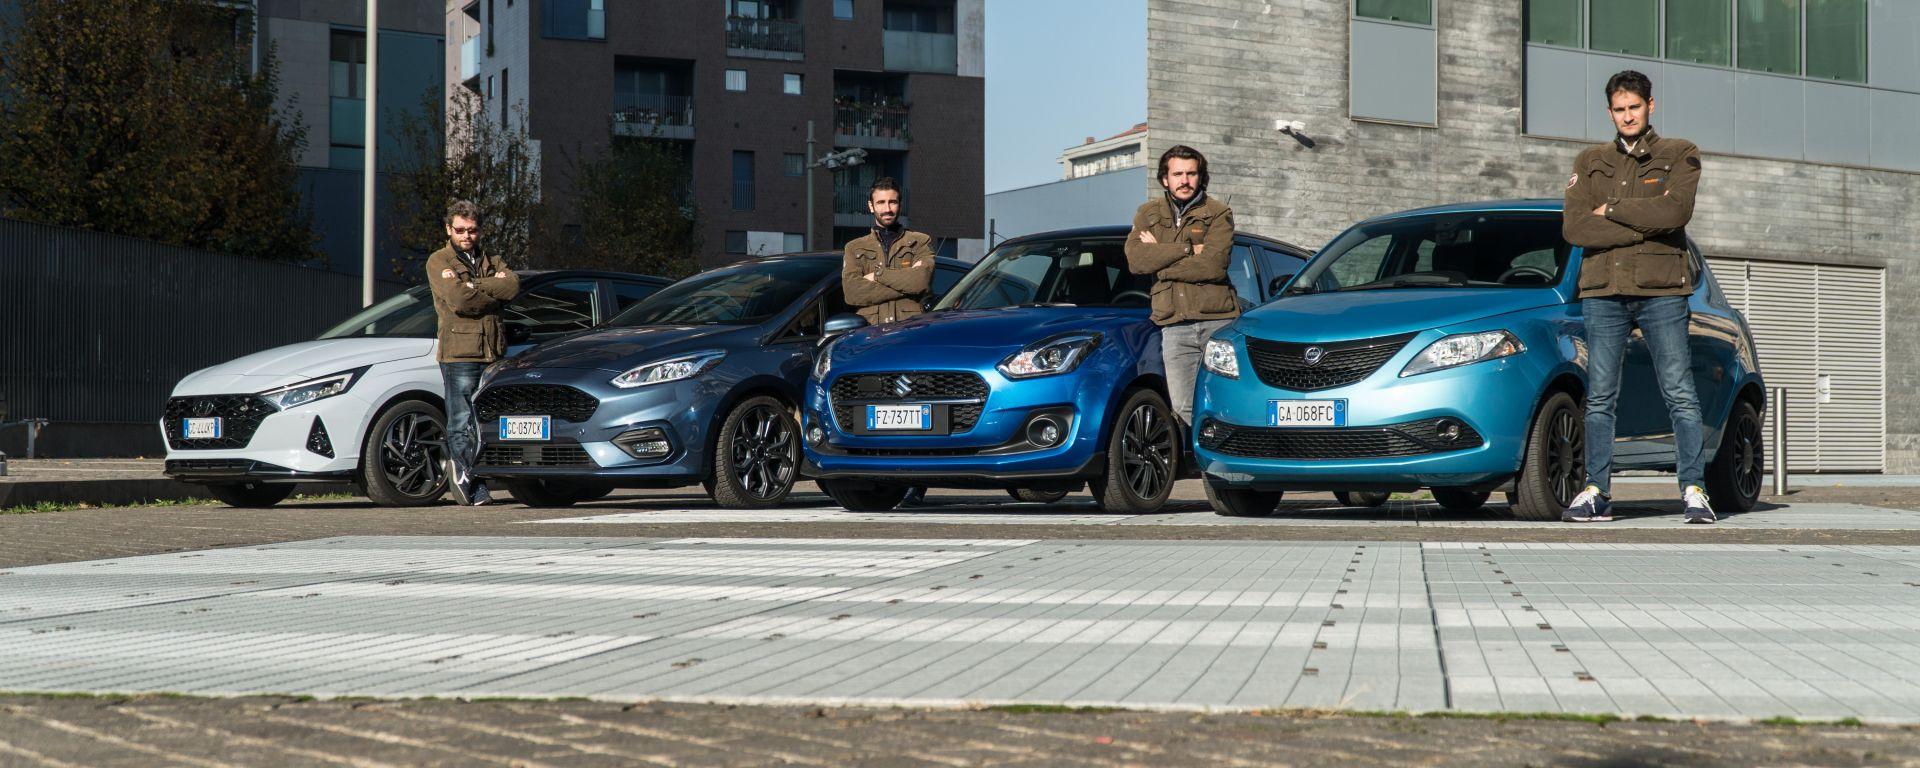 Hyundai i20 1.0 T-GDI 48V, Ford Fiesta 1.0 Ecoboost Hybrid, Suzuki Swift 1.2 Hybrid, Lancia Ypsilon 1.0 Hybrid